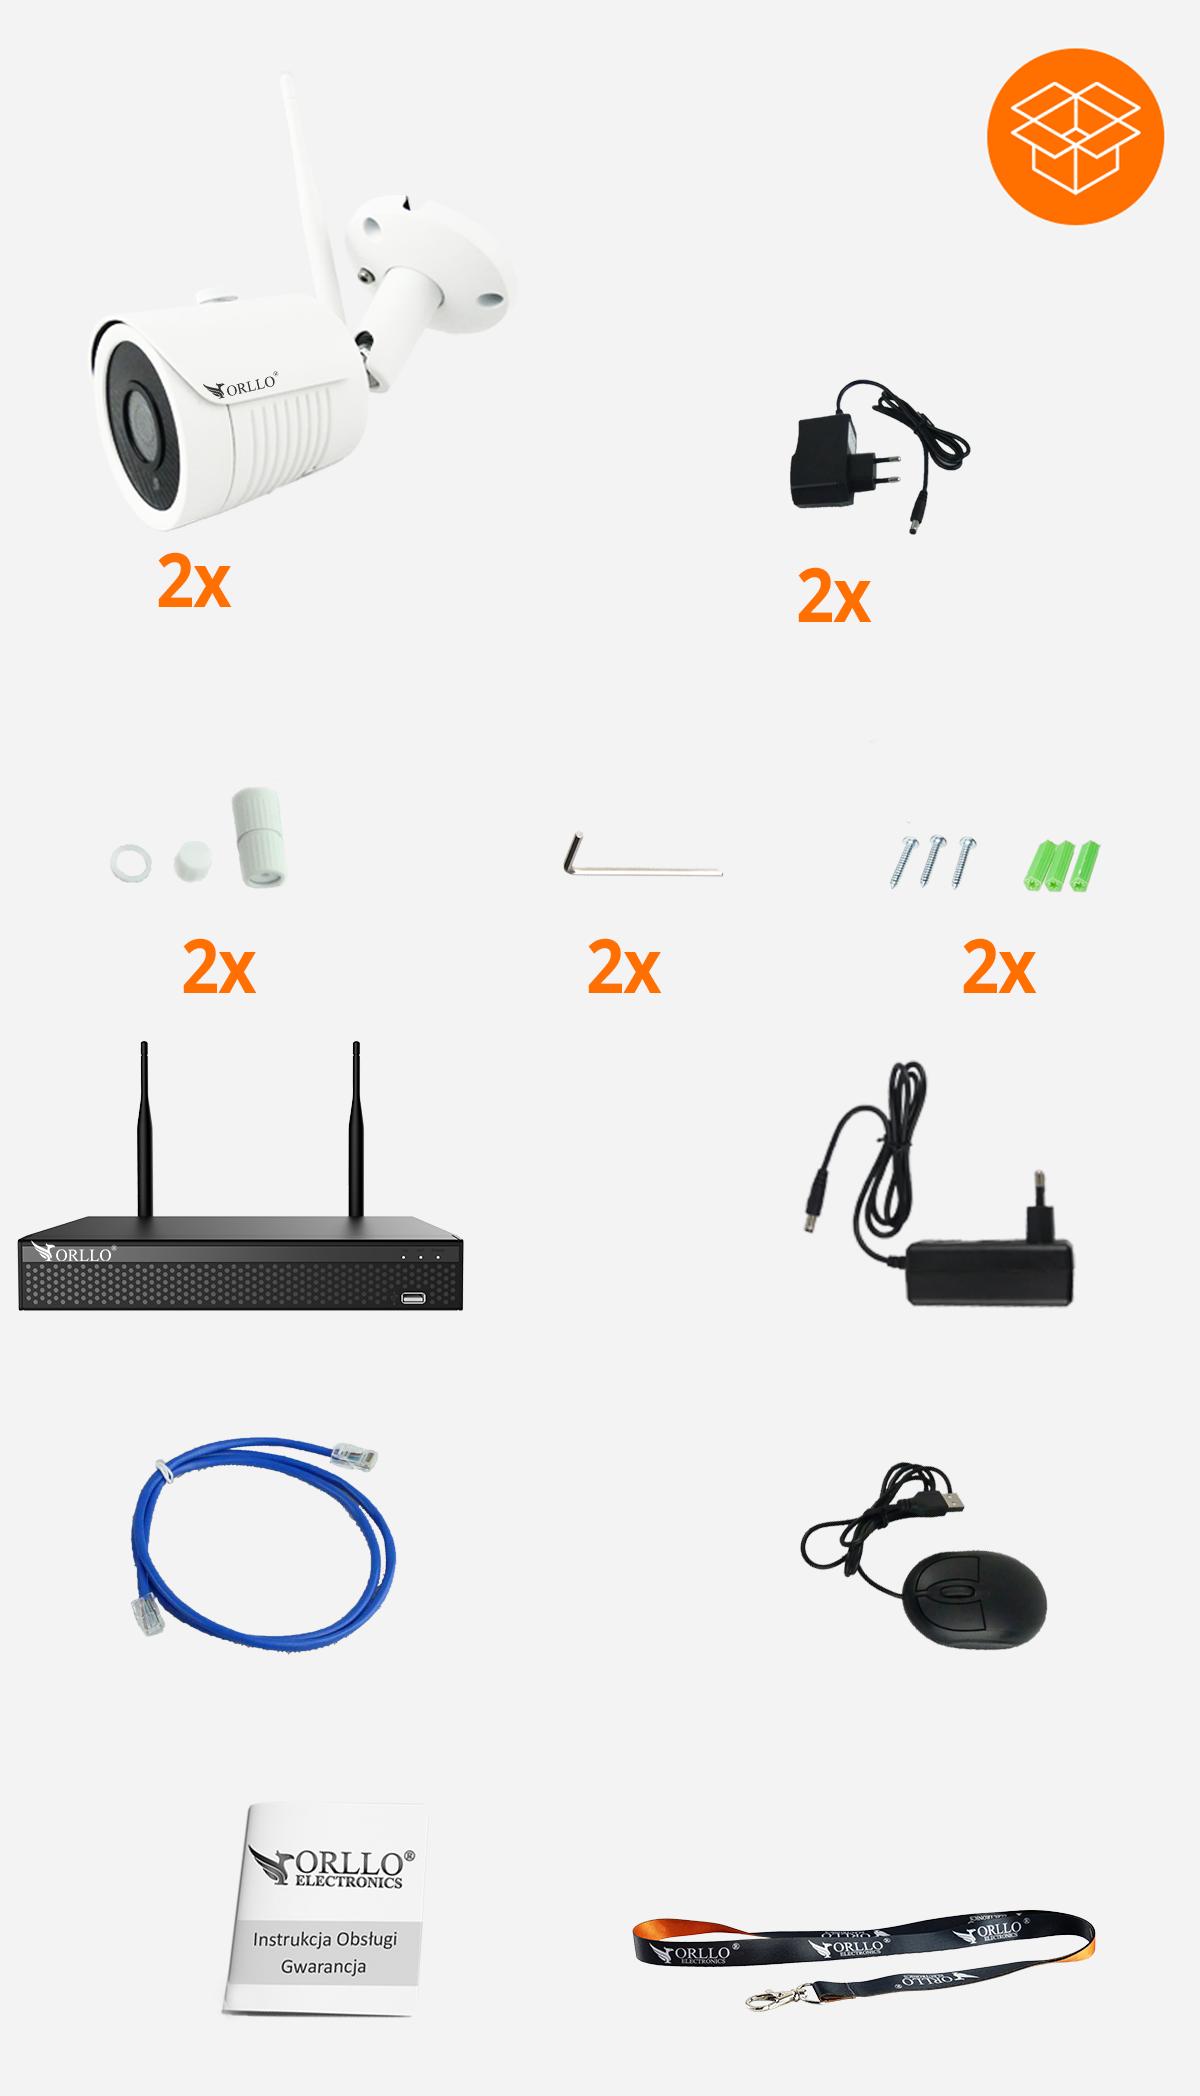 zestaw-monitoring-domu-biura-orllo-pl